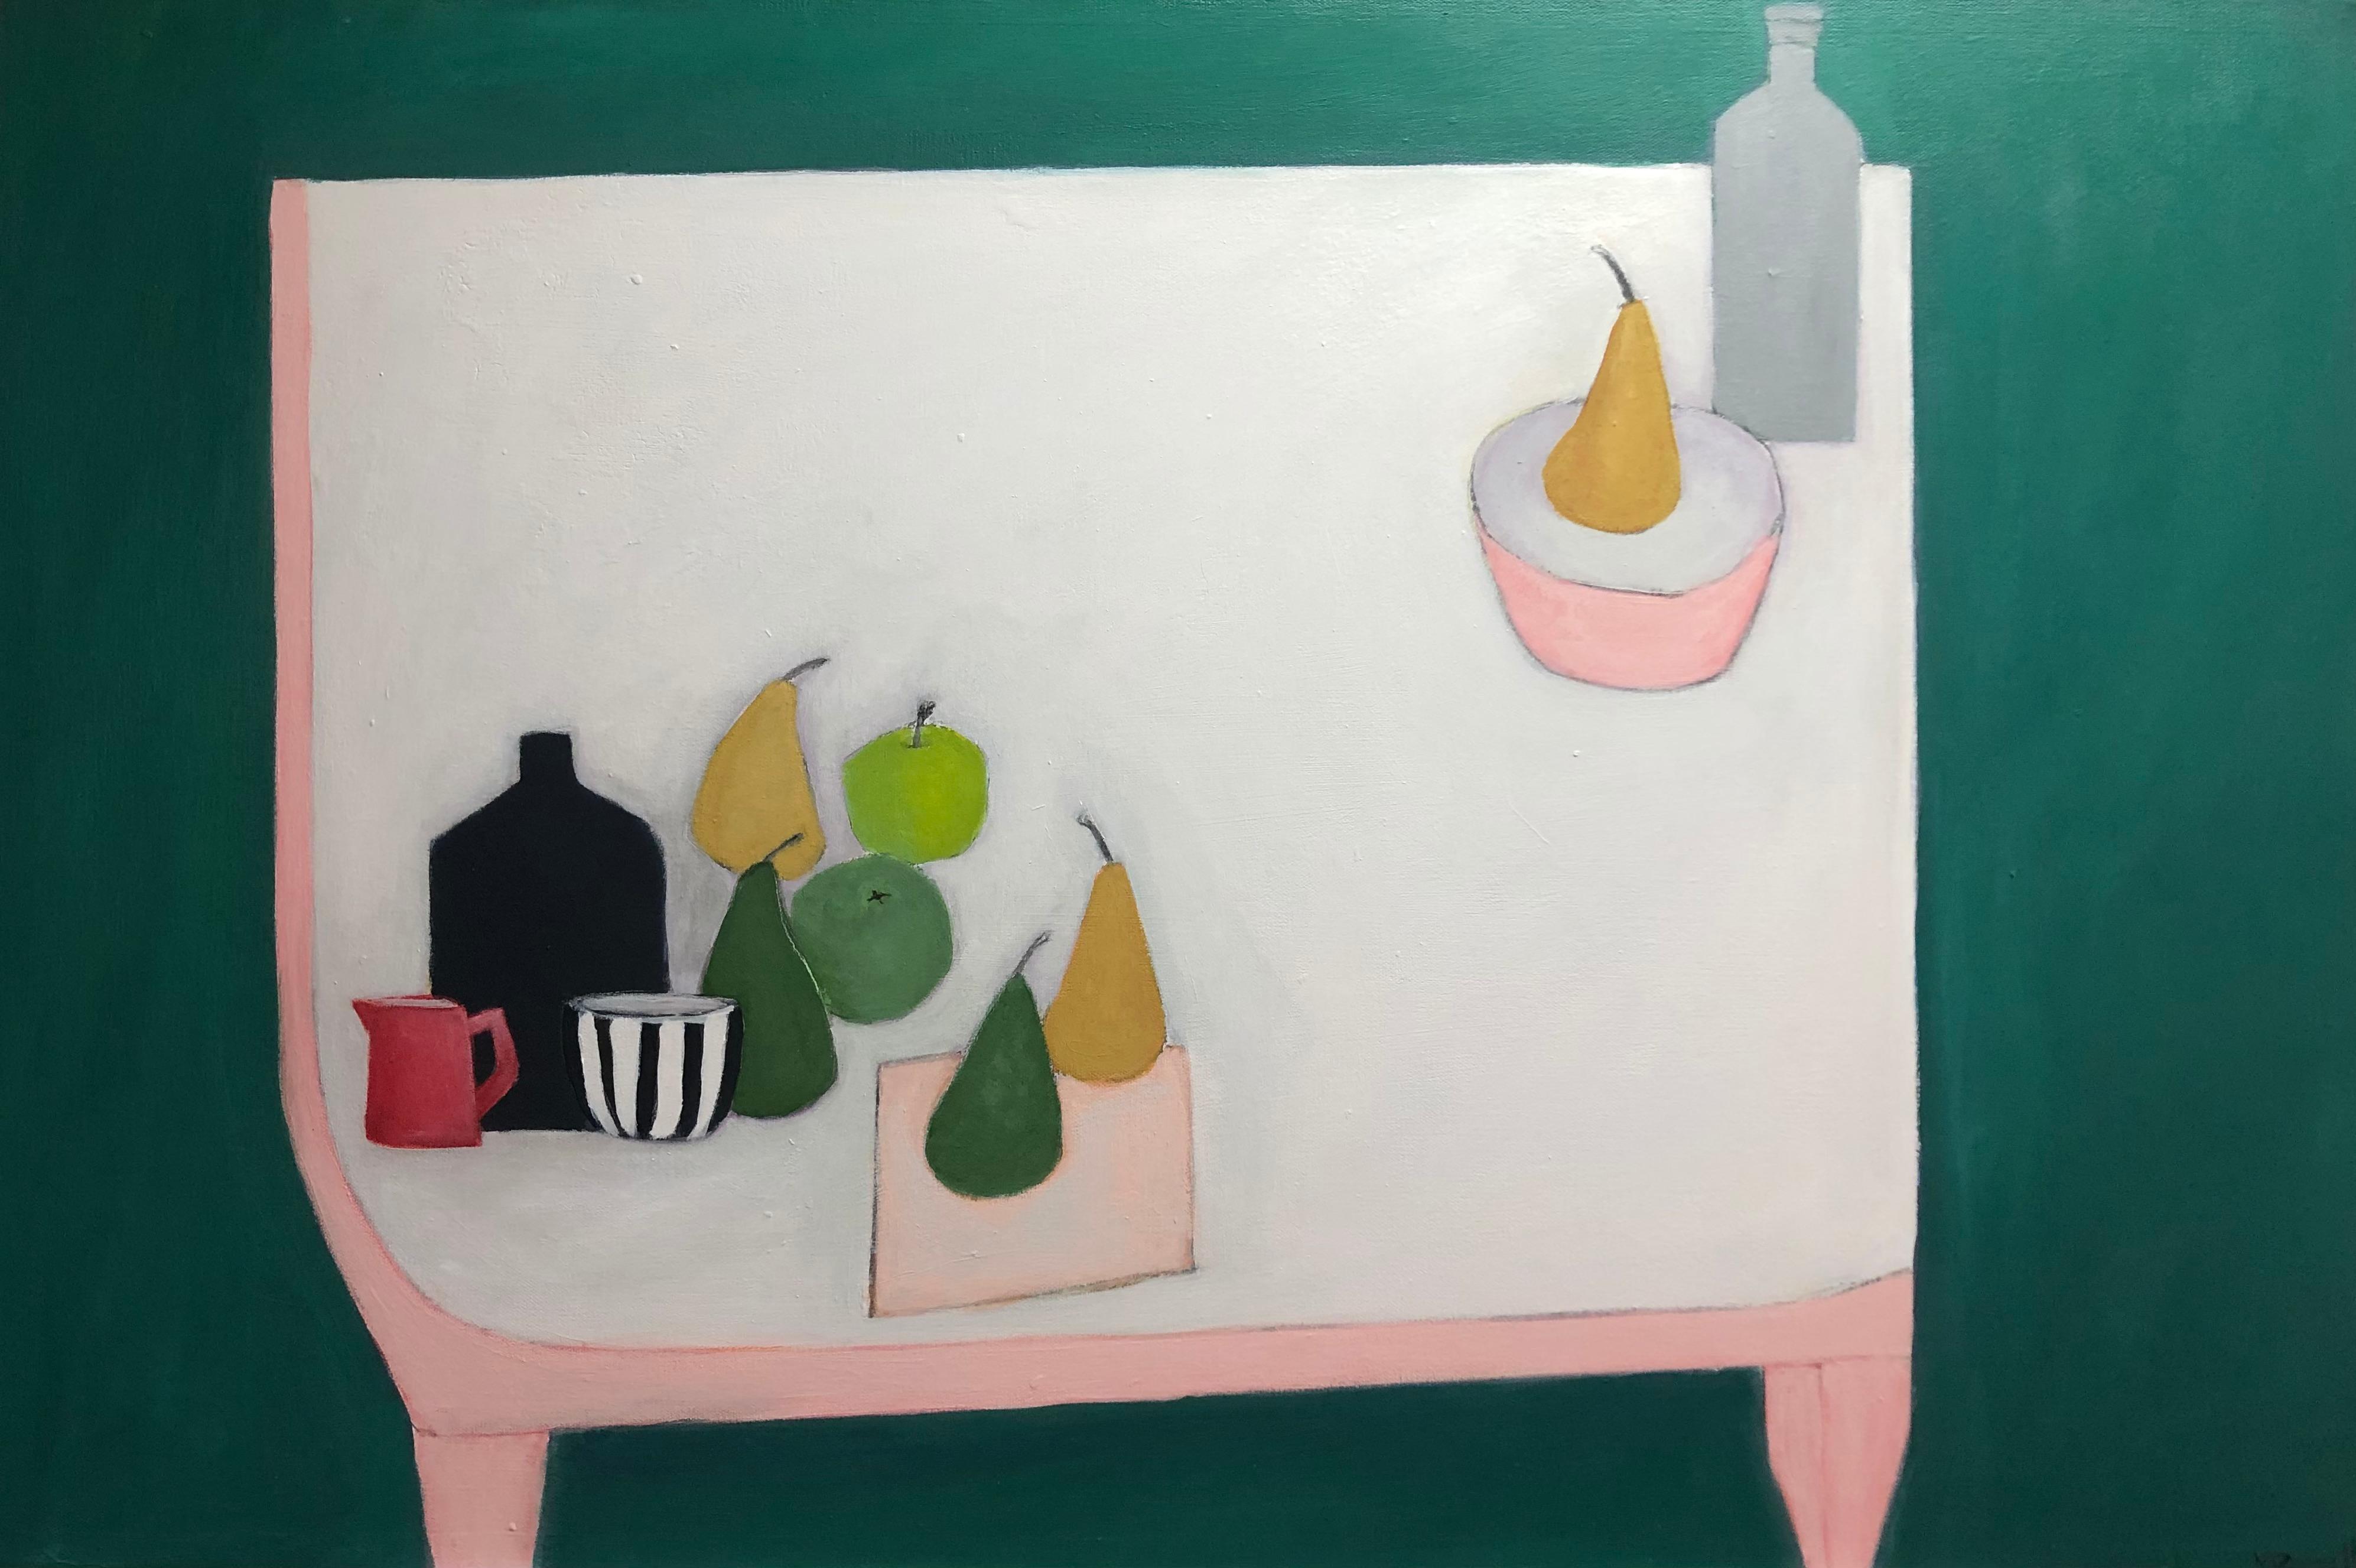 Small Red Jug - Still Life Painting